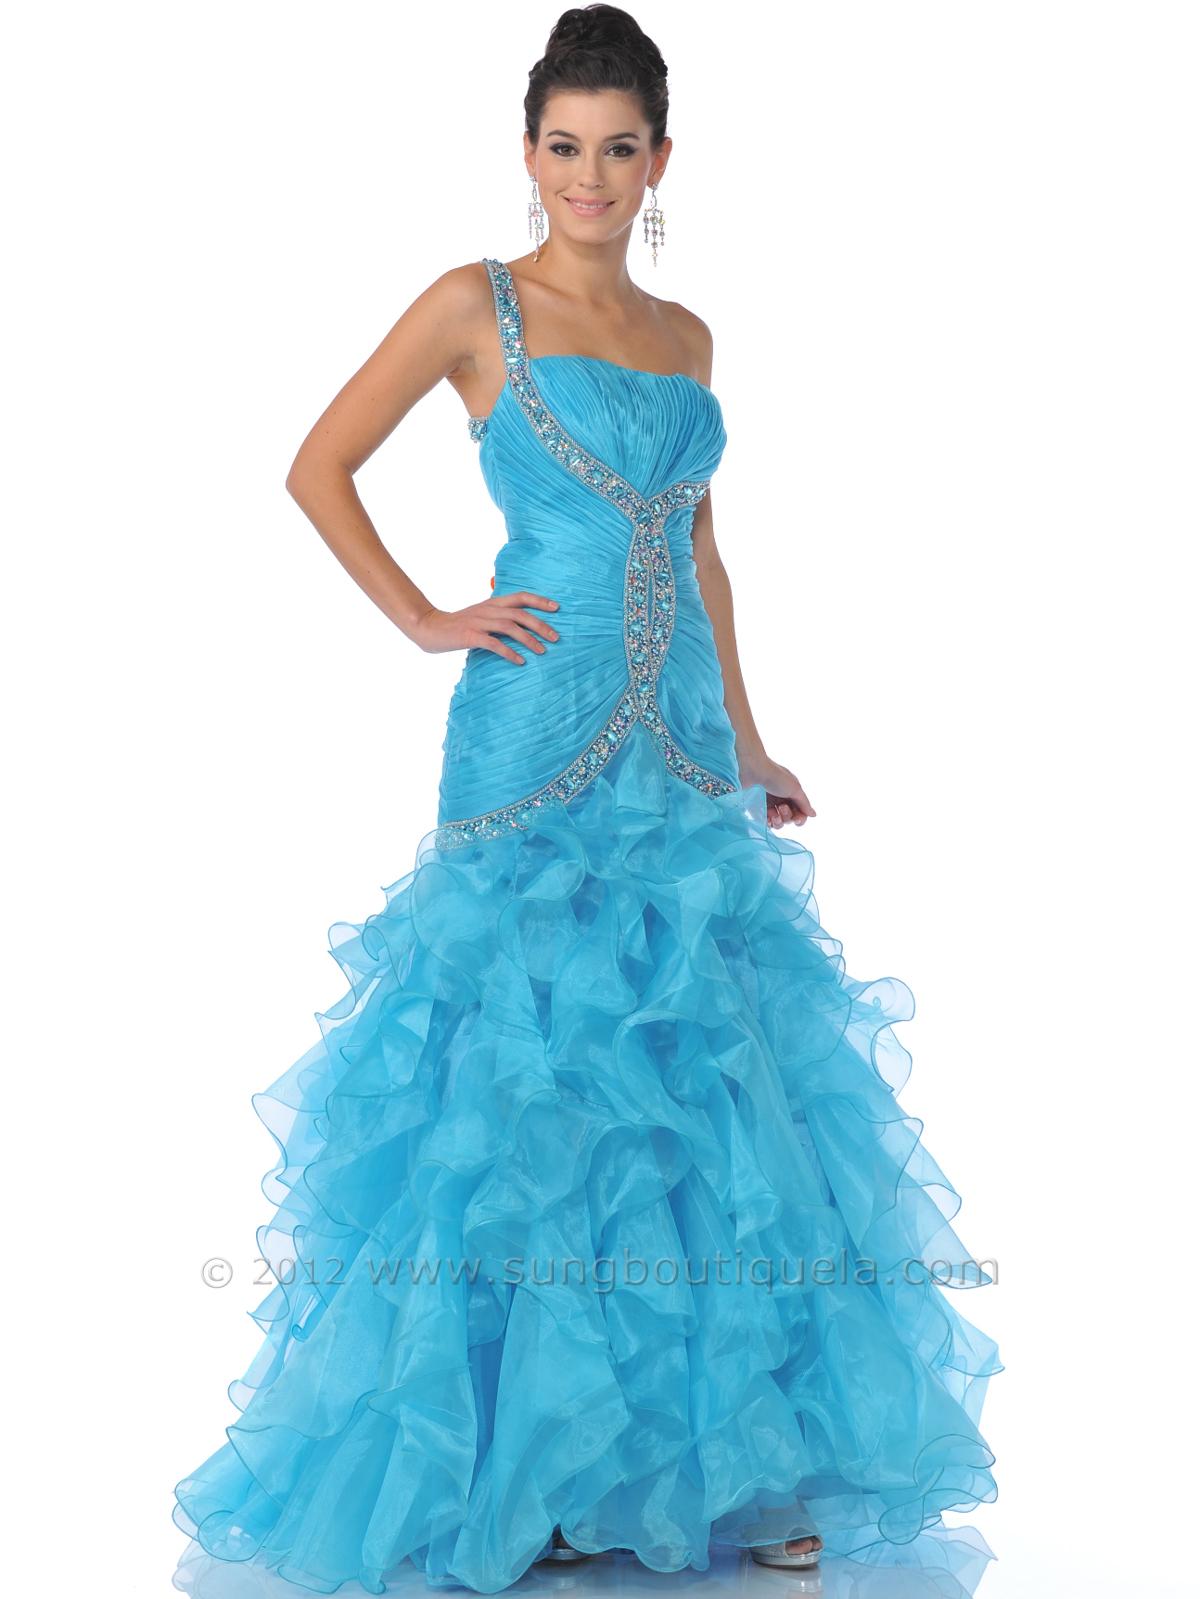 Amazing Turquoise One Shoulder Embellished Strap Prom Dress Sung Short Hairstyles Gunalazisus